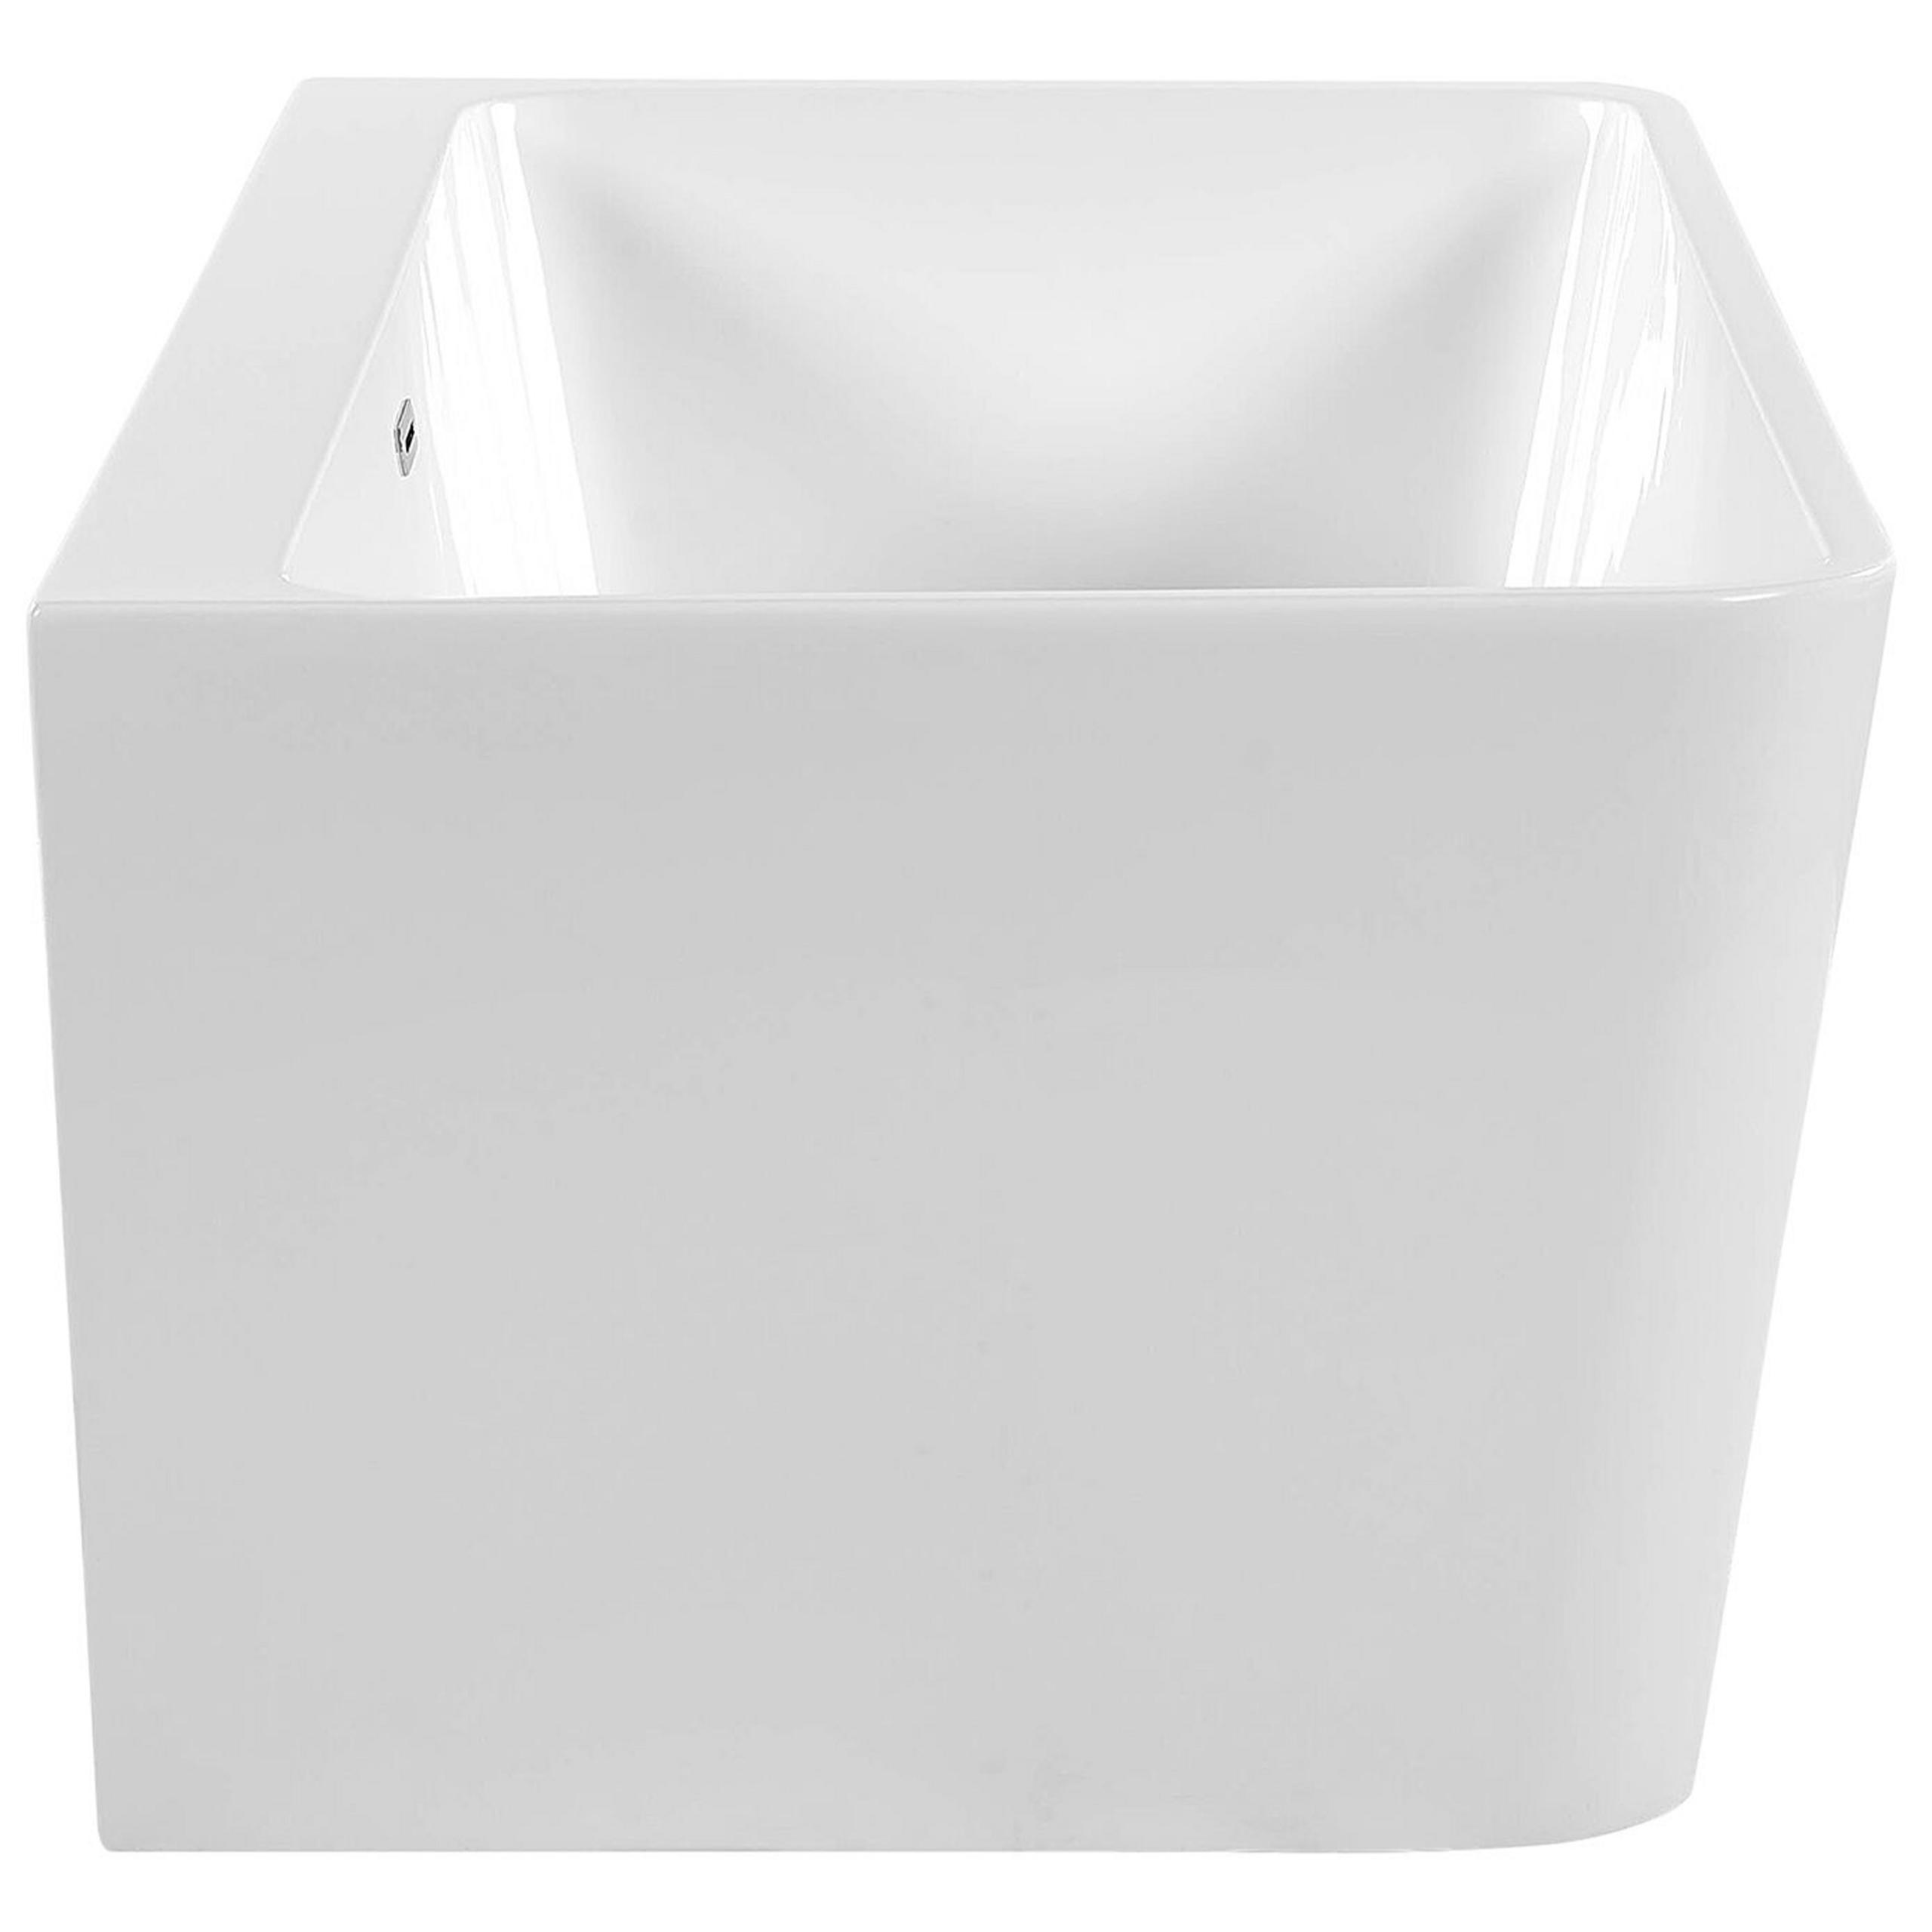 Banheira autónoma 170 cm em branco HASSEL